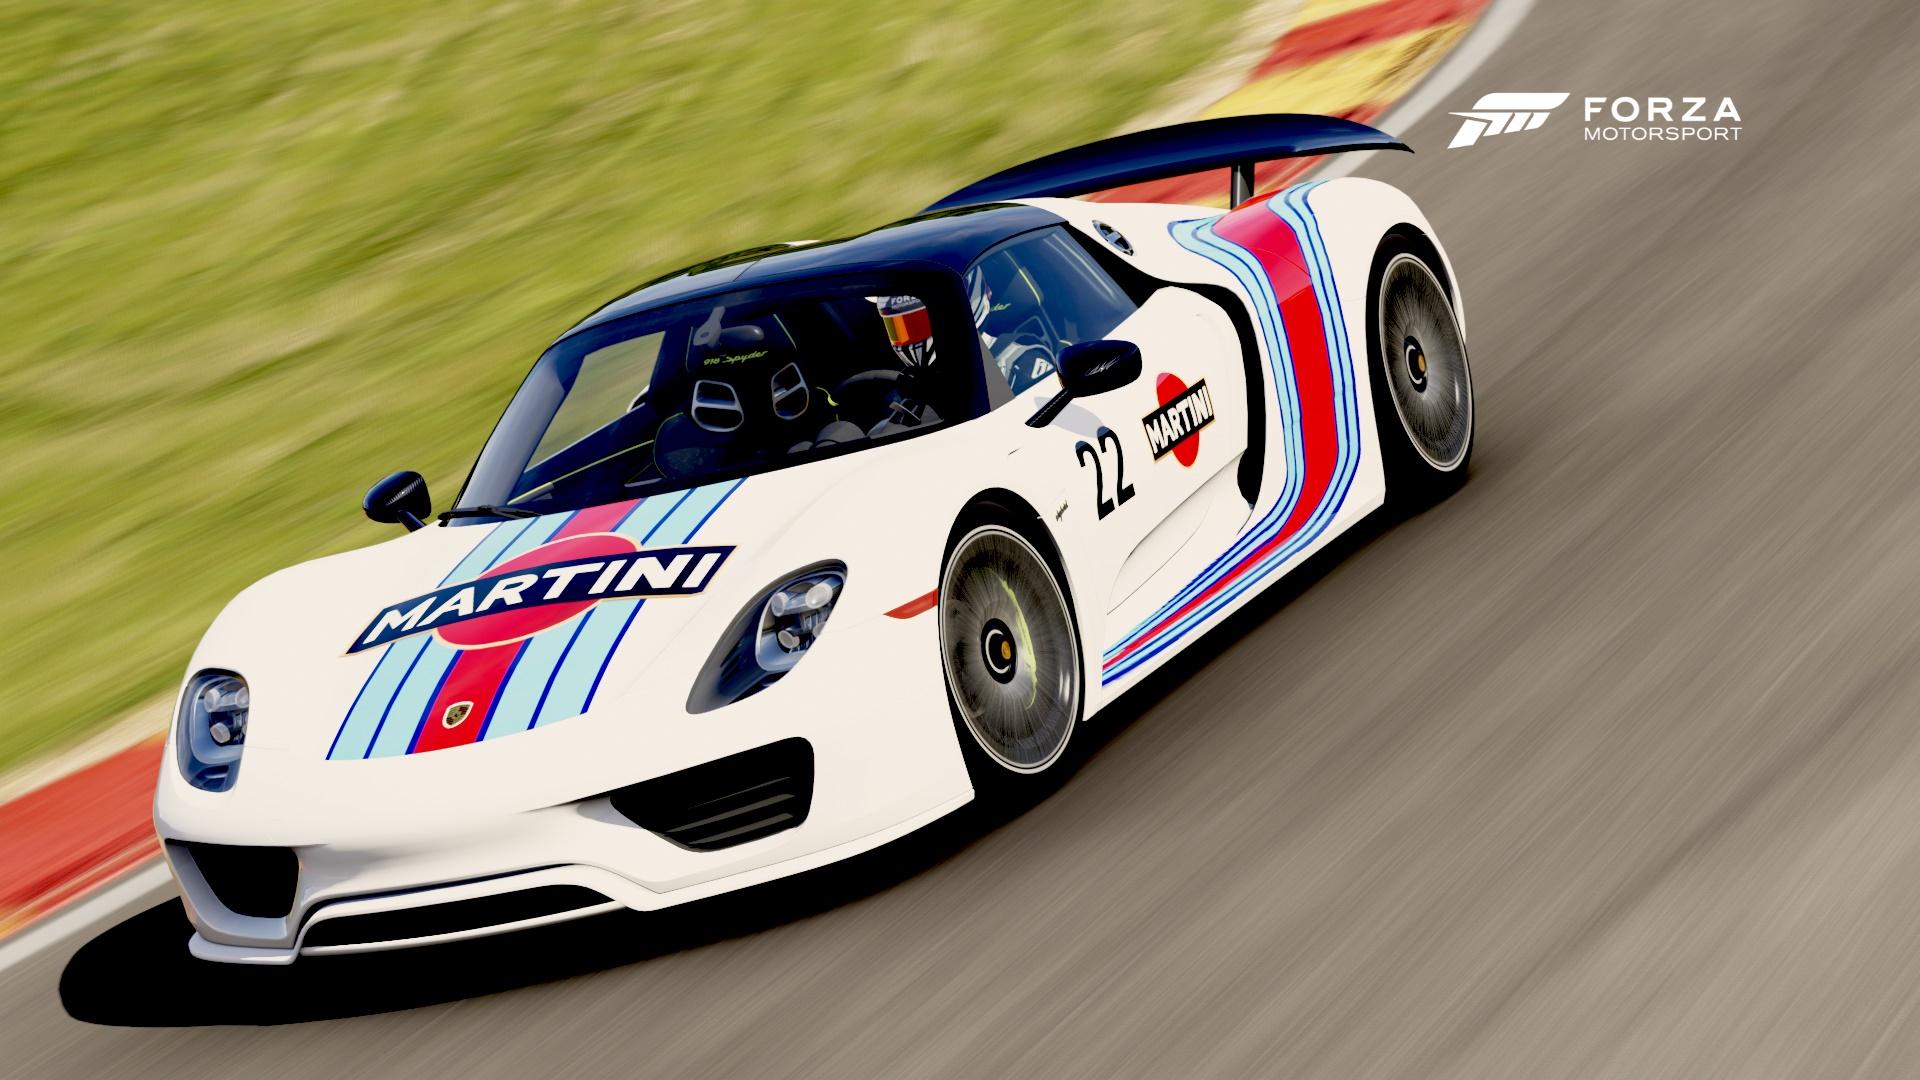 25195420729_a768807667_o Stunning Porsche 918 Spyder Paint Job Cars Trend